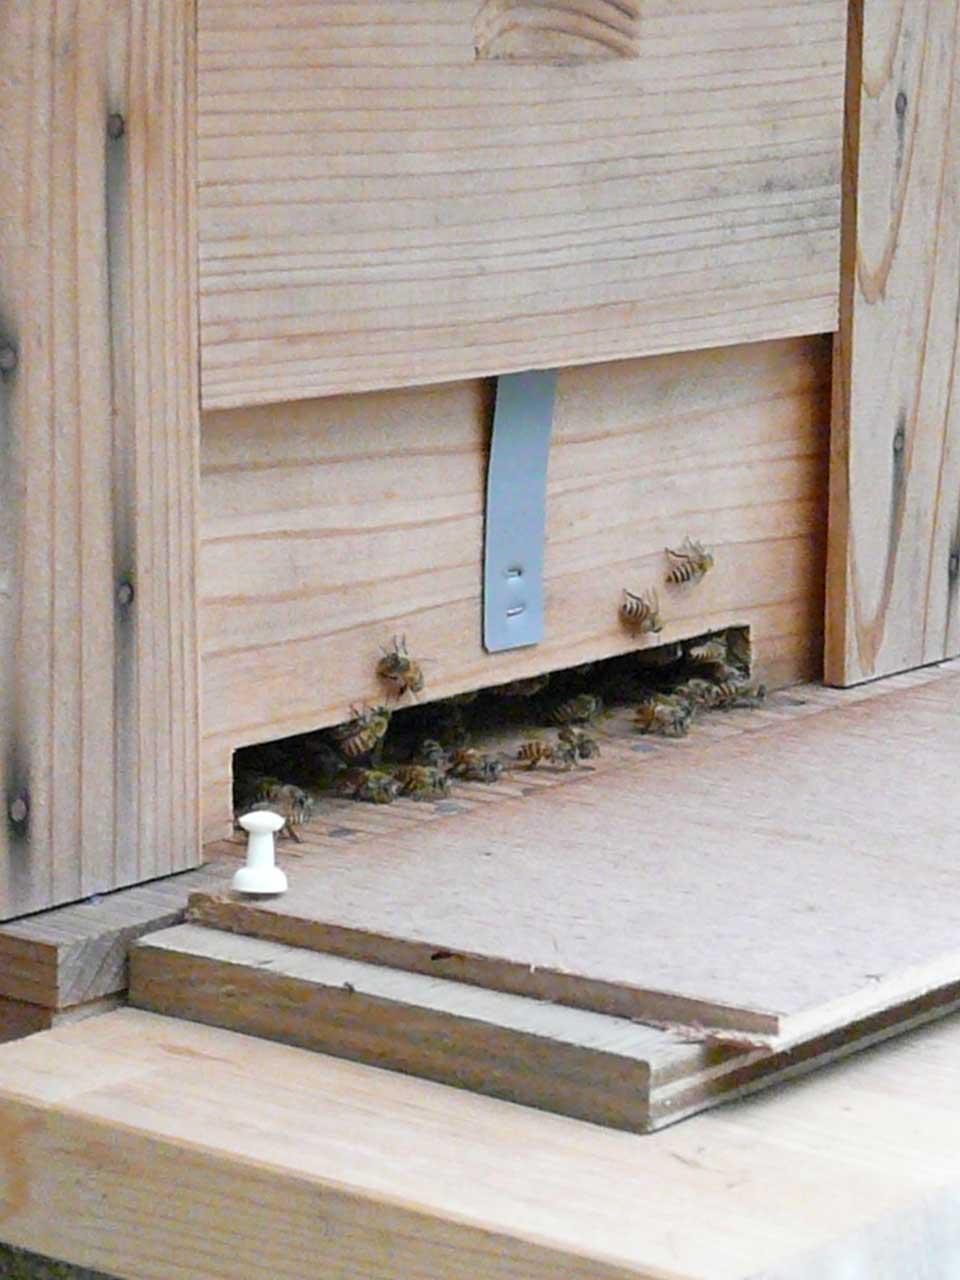 日本ミツバチの巣、入り口付近の様子です。 by Stone Spa GAIA